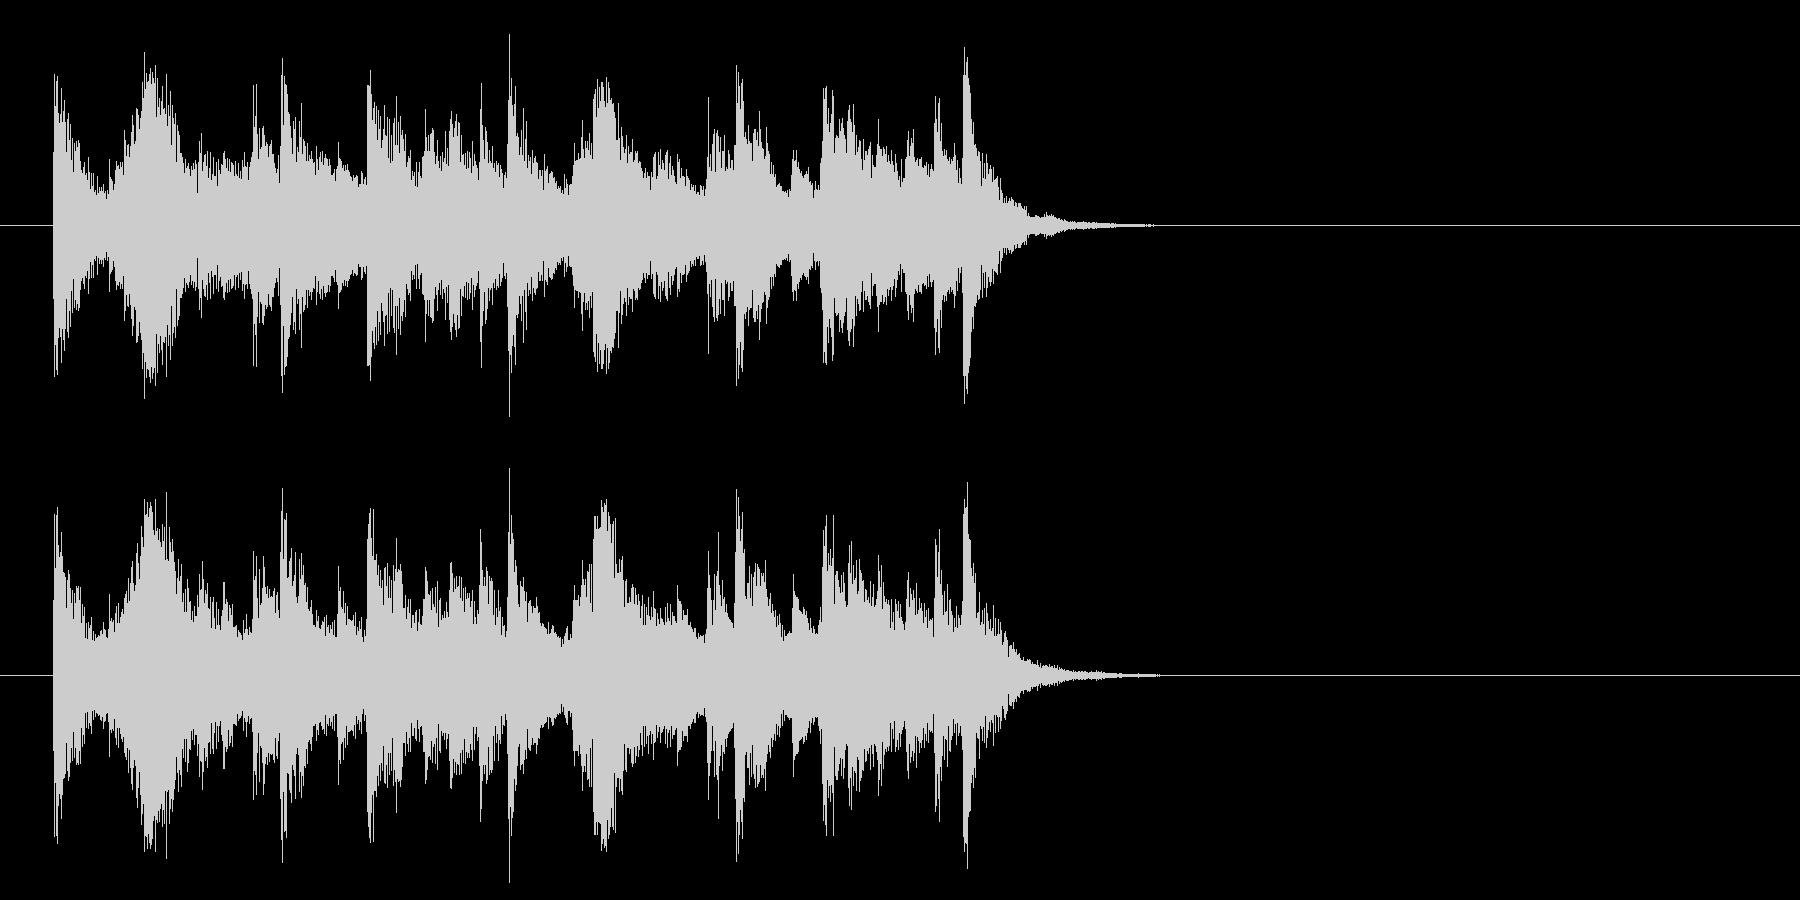 コーナー・エンド風ピアノジャズのジングルの未再生の波形